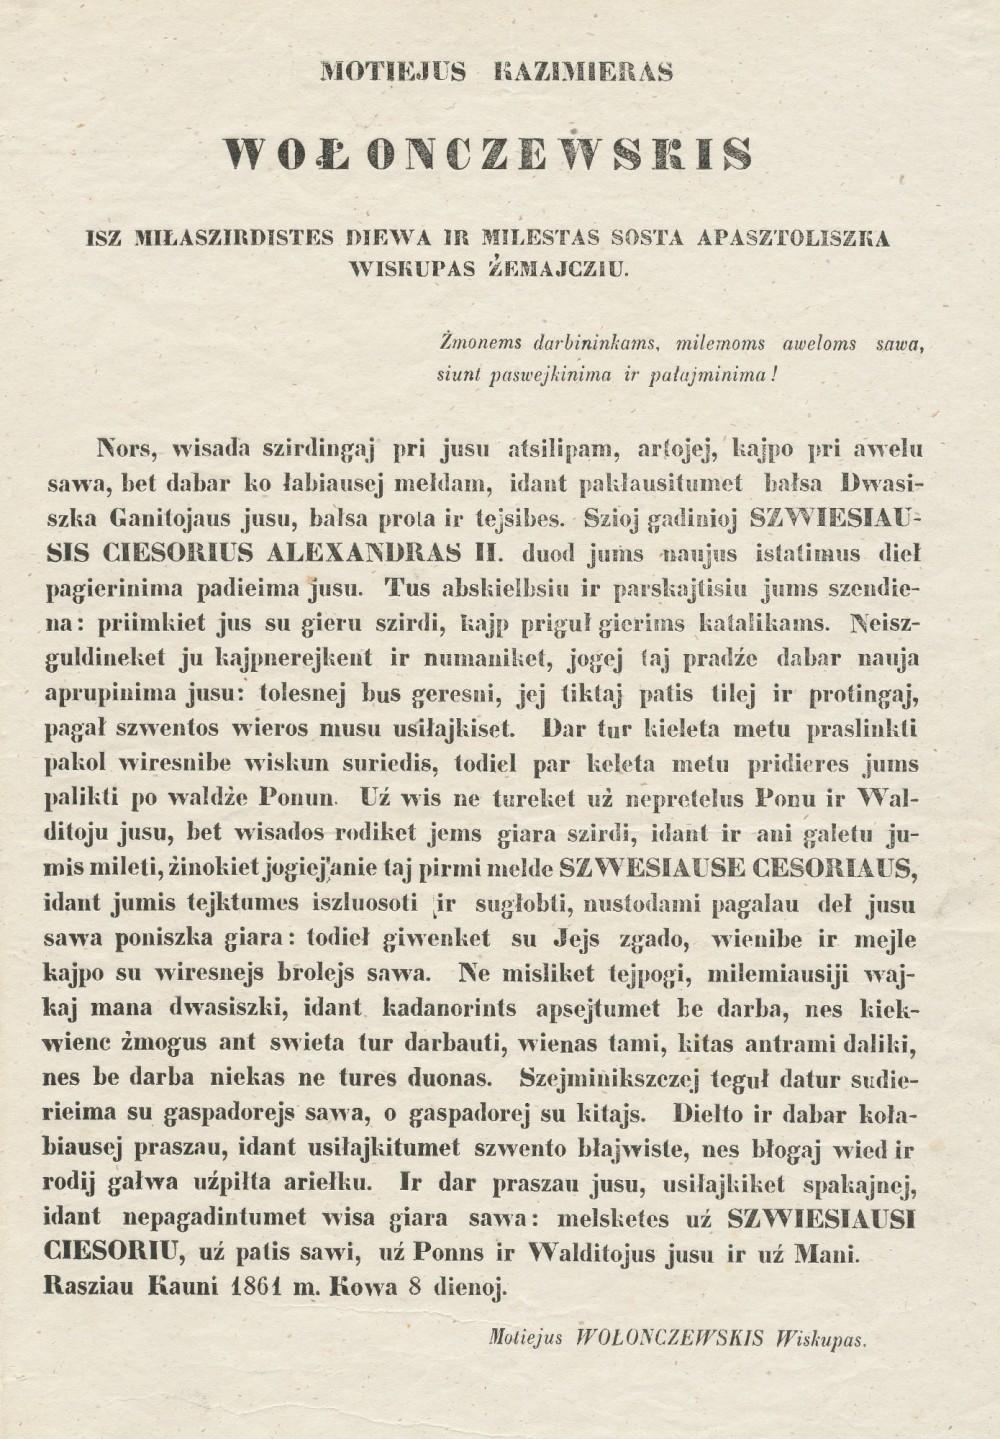 M. Valančiaus laiškas tikintiesiems dėl baudžiavos panaikinimo, kuriame prašoma elgtis ramiai ir supratingai. 1861 m. kovo 8 d.